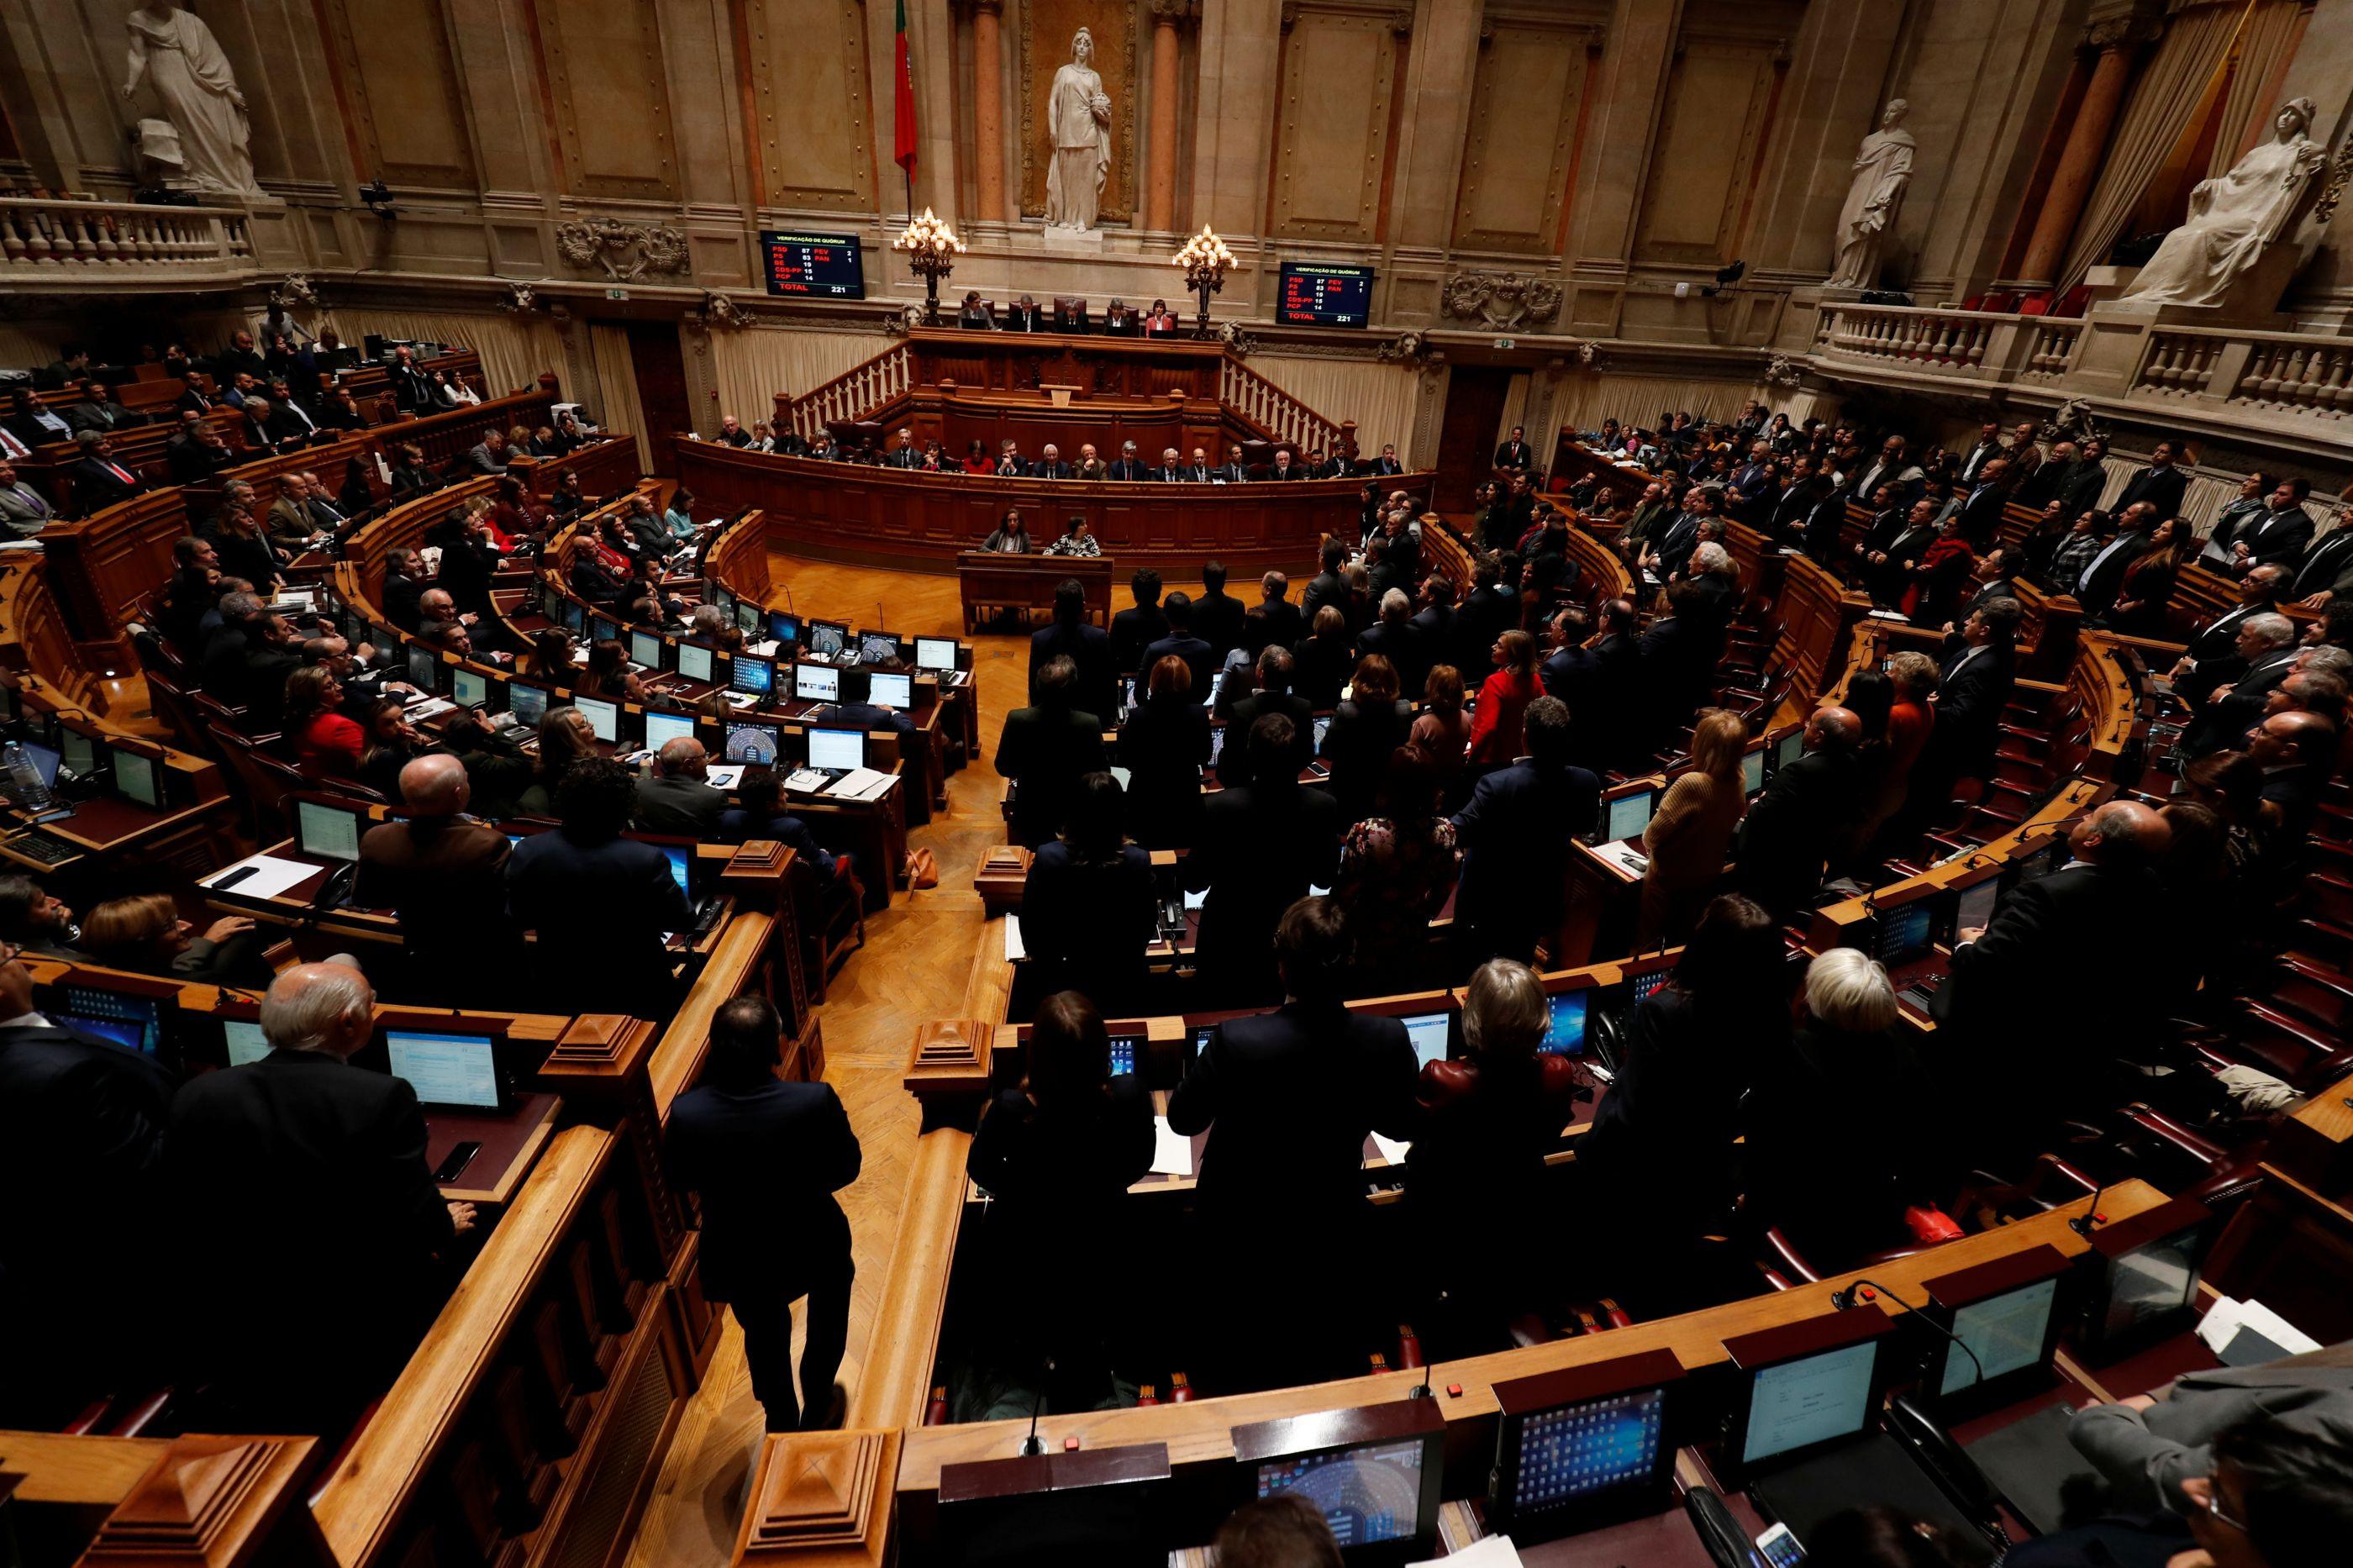 """PSD pediu, mas PS não """"muda o rumo"""" quanto à descentralização"""